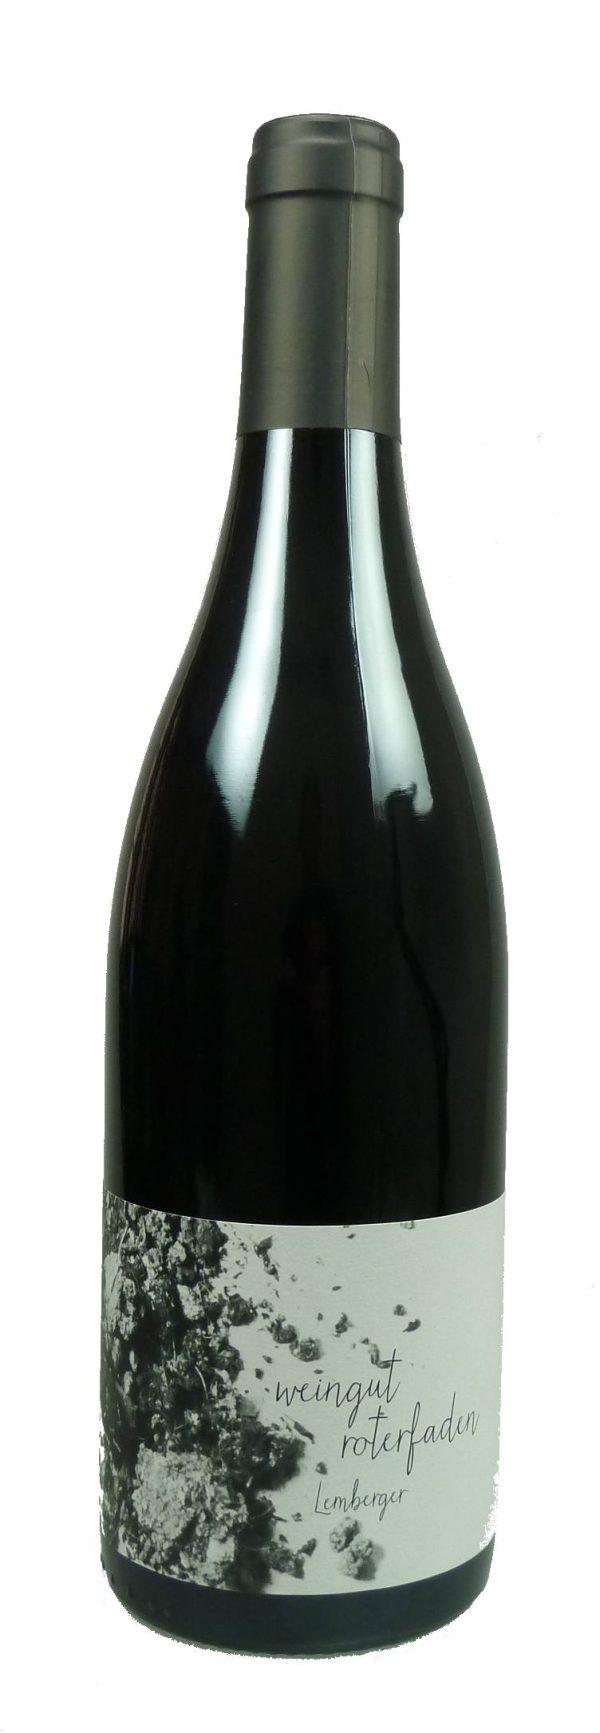 Lemberger Schwäbischer Landwein trocken 2015